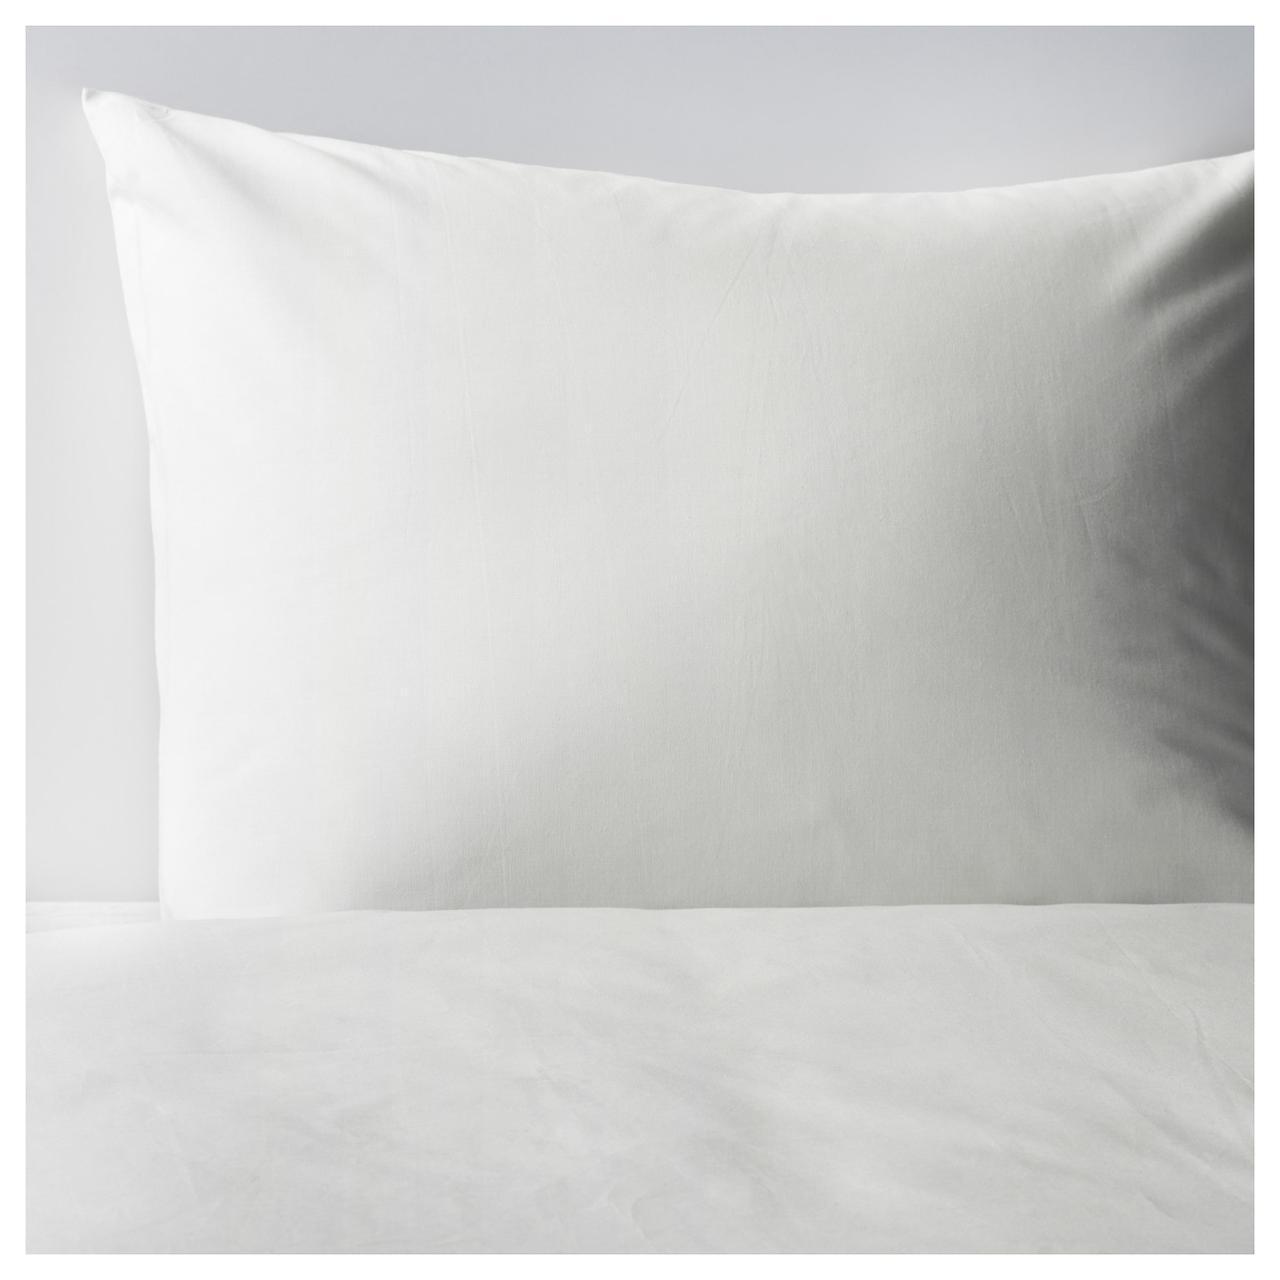 Комплект постельного белья IKEA FÄRGMÅRA 200х200 см белый 403.894.47